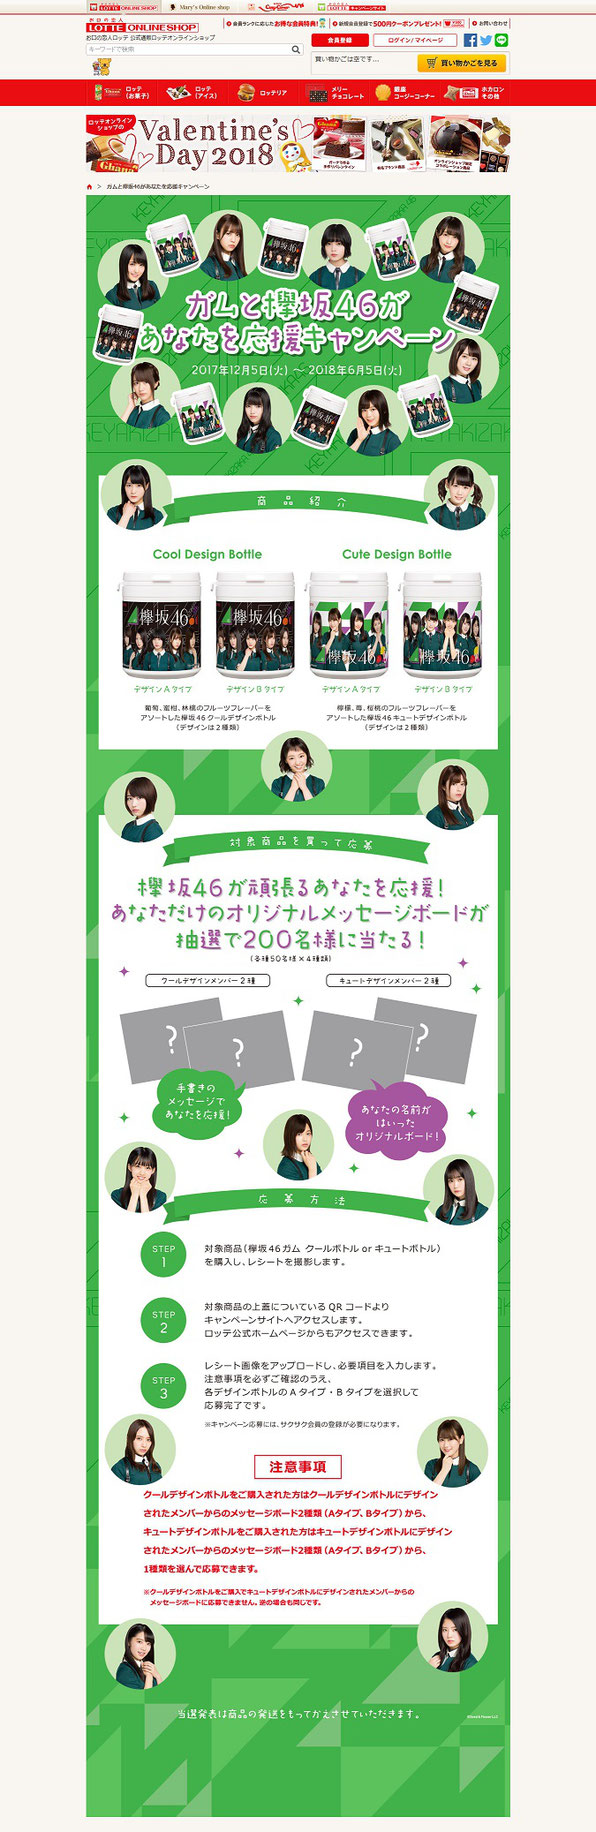 【ロッテ】ガムと欅坂46があなたを応援キャンペーン